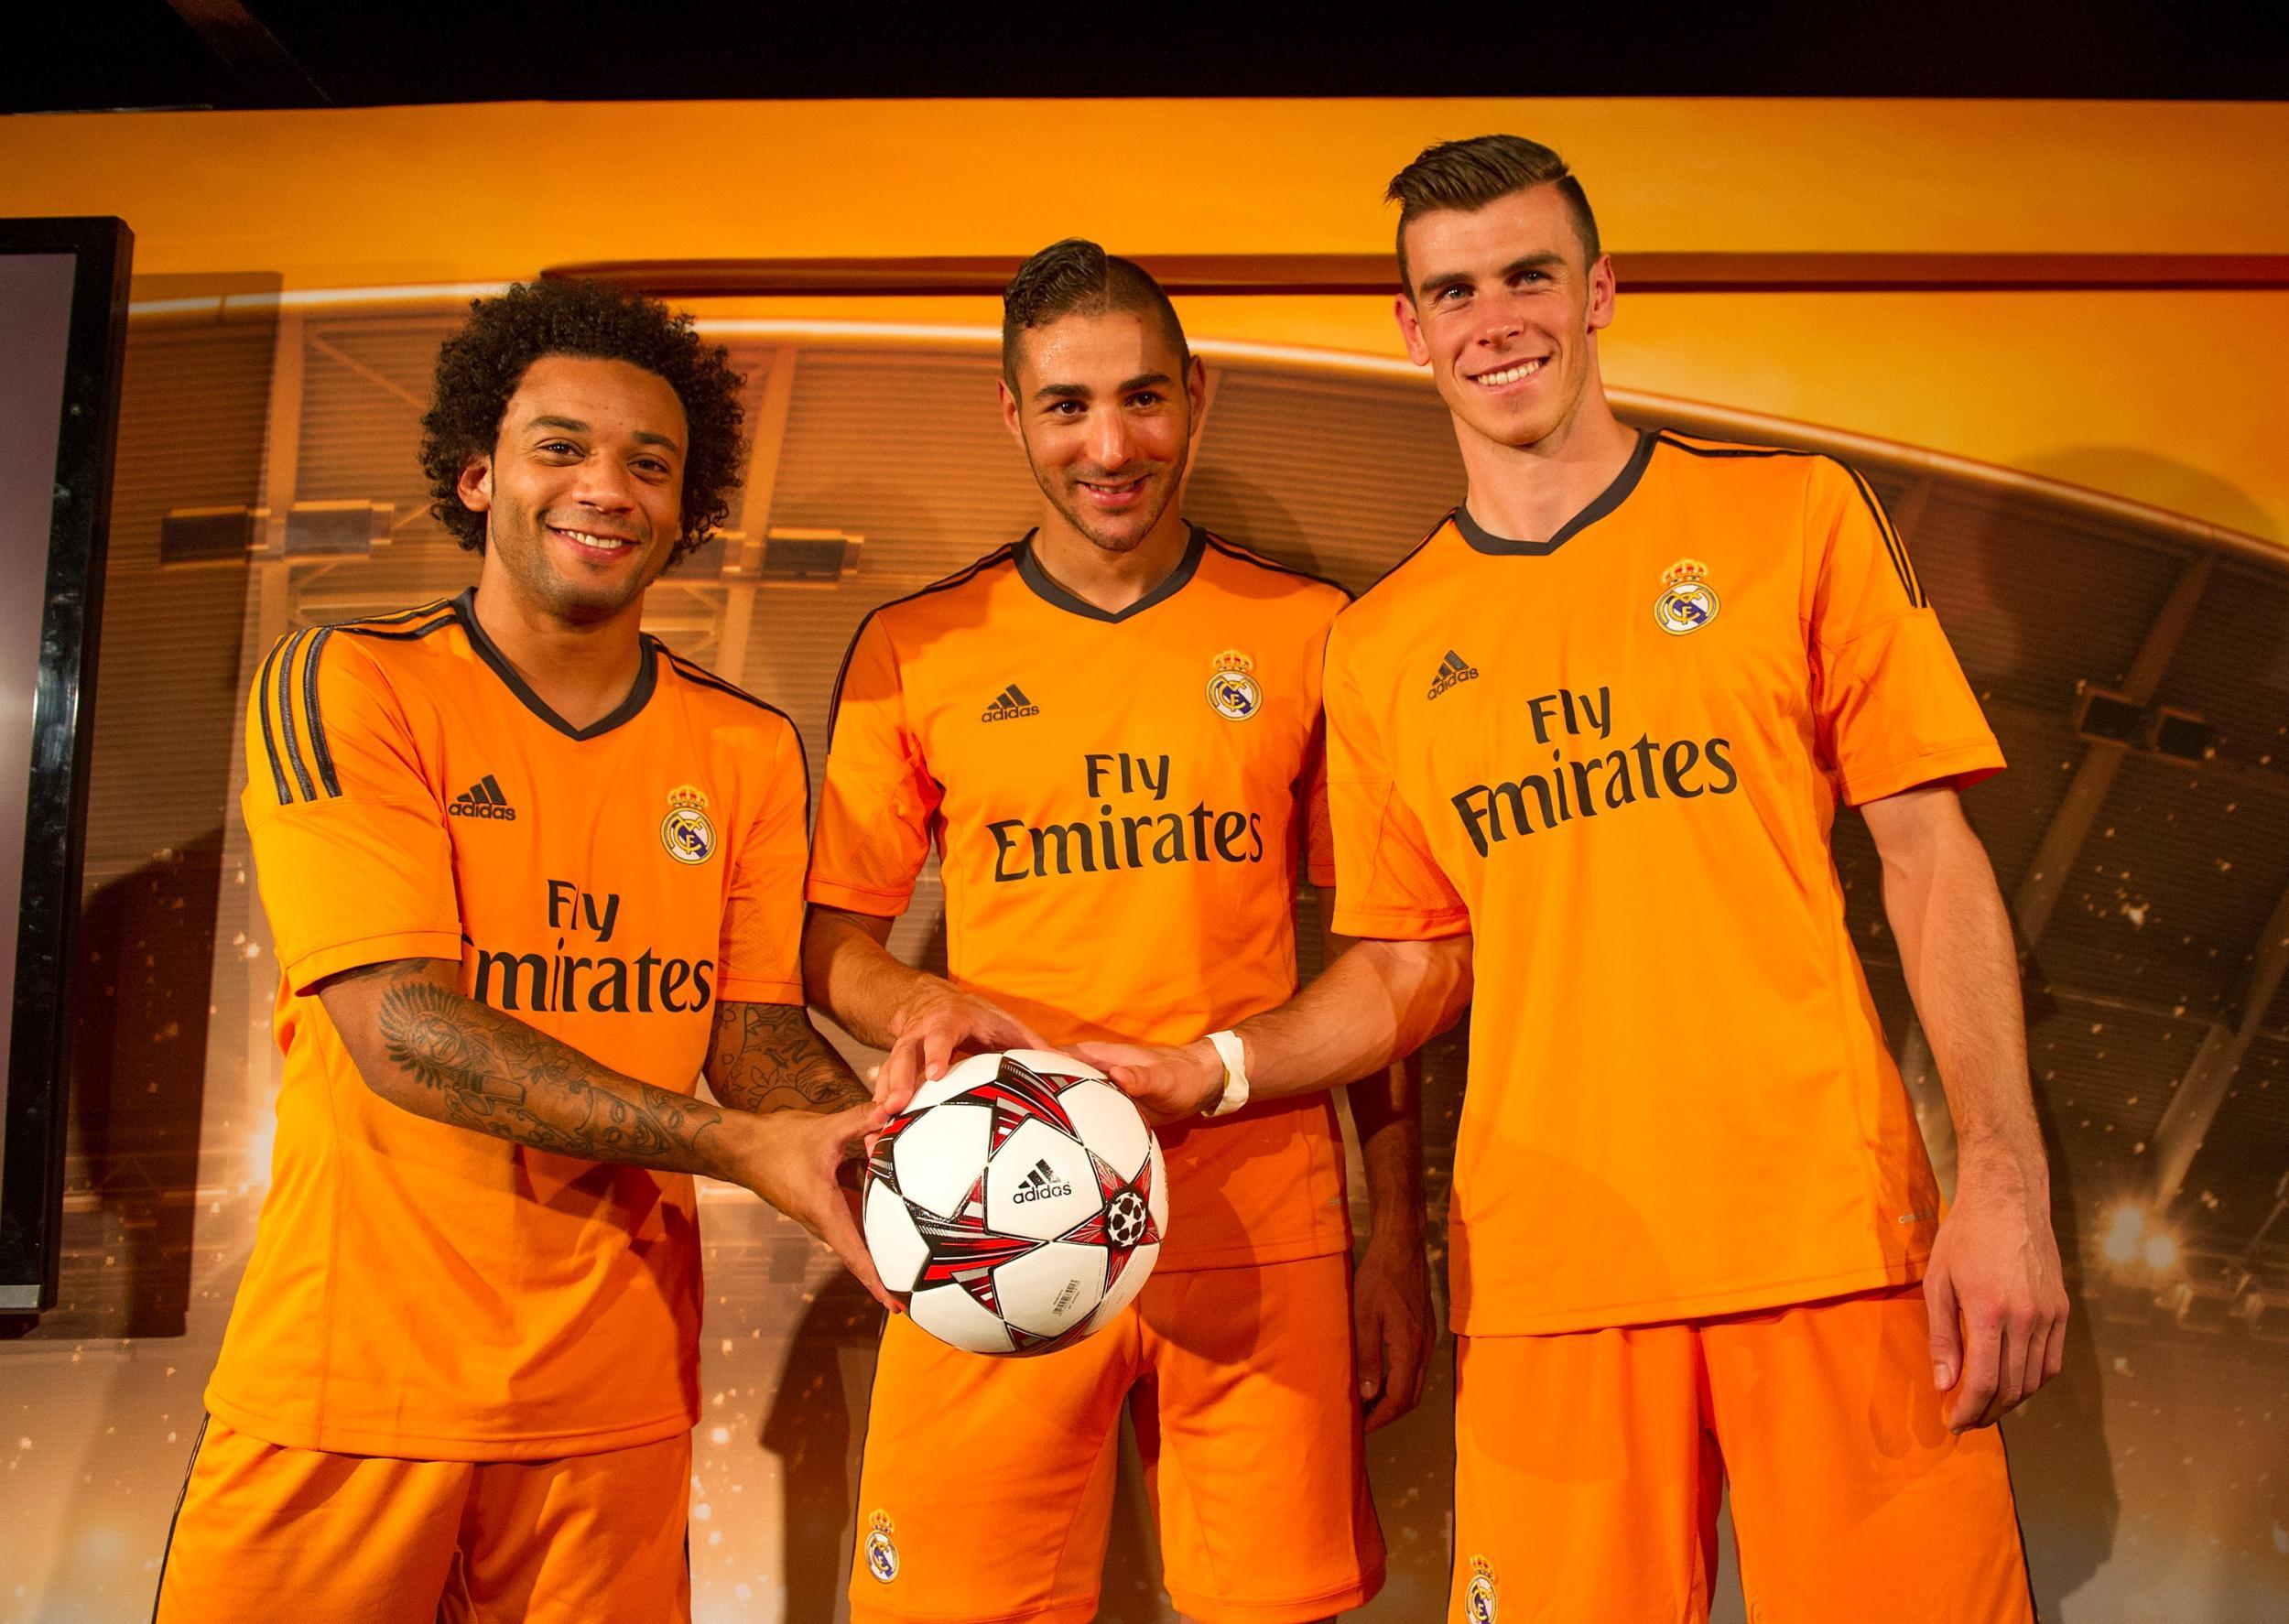 11. Real Madrid